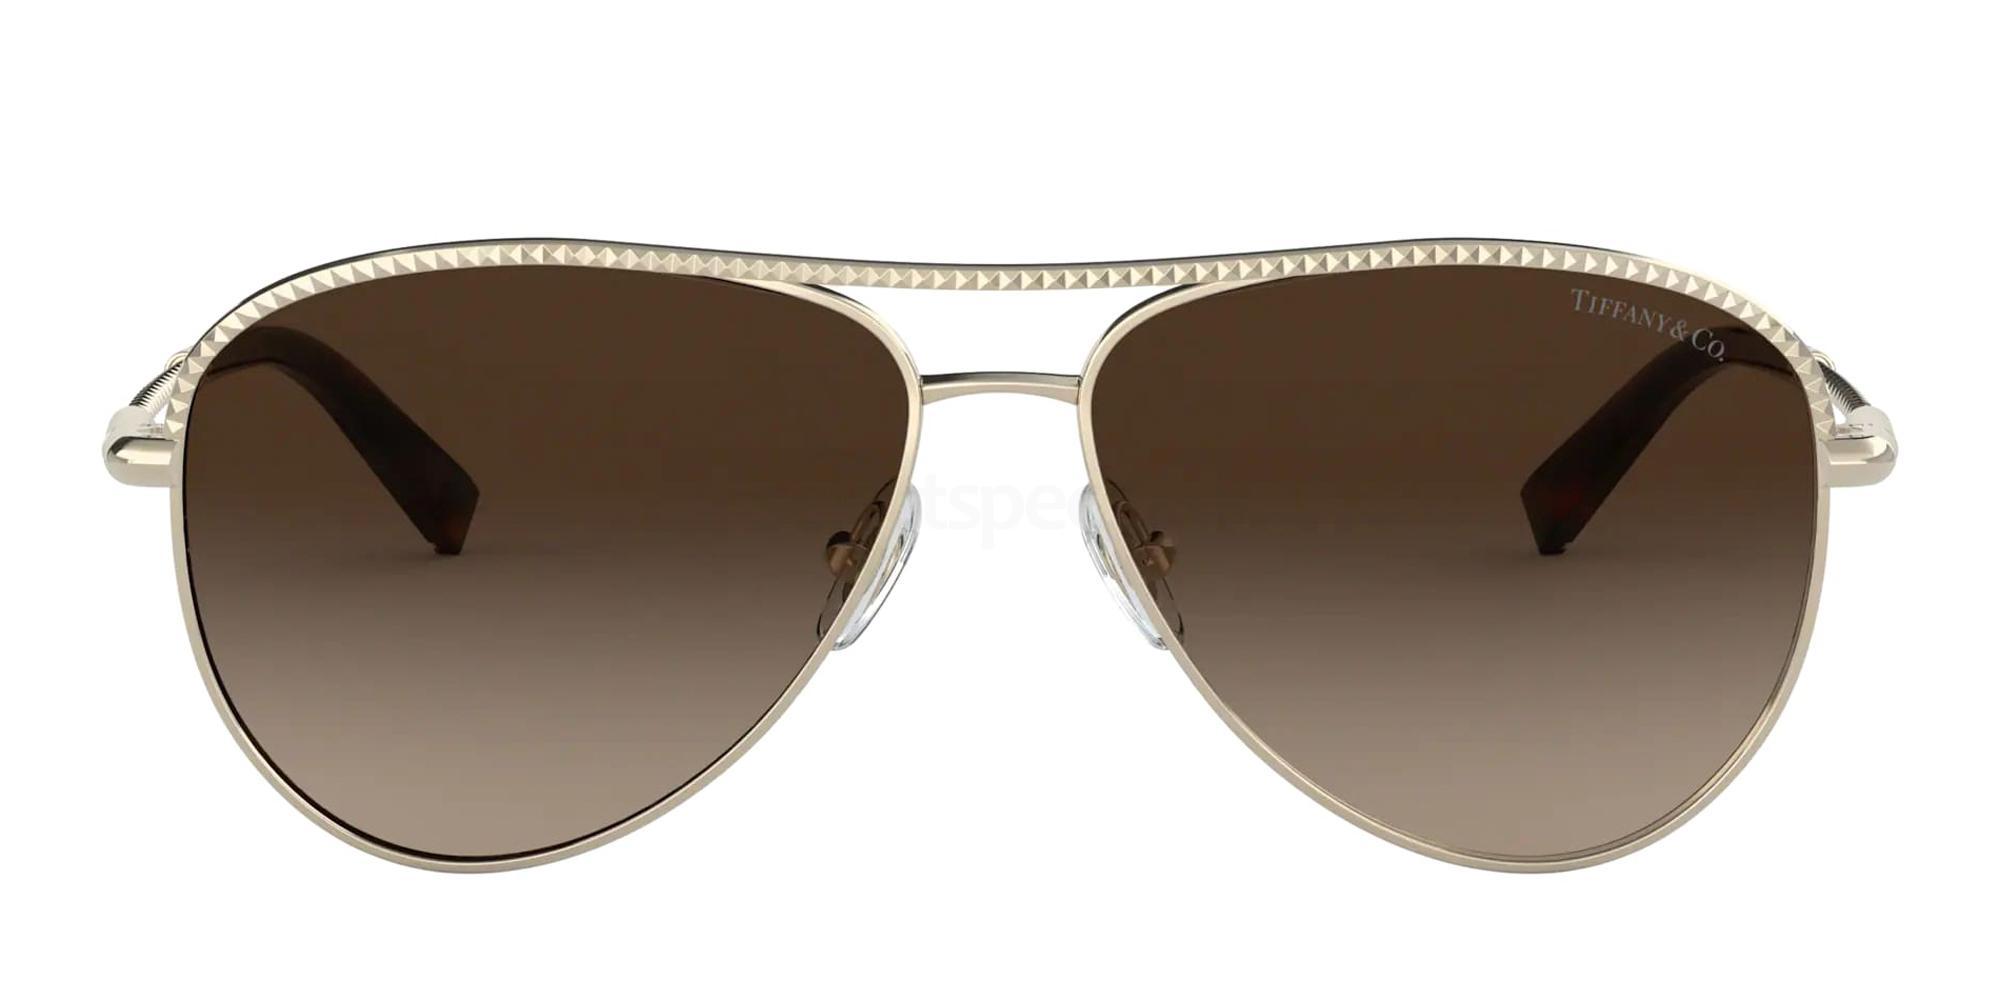 60213B TF3062 Sunglasses, Tiffany & Co.